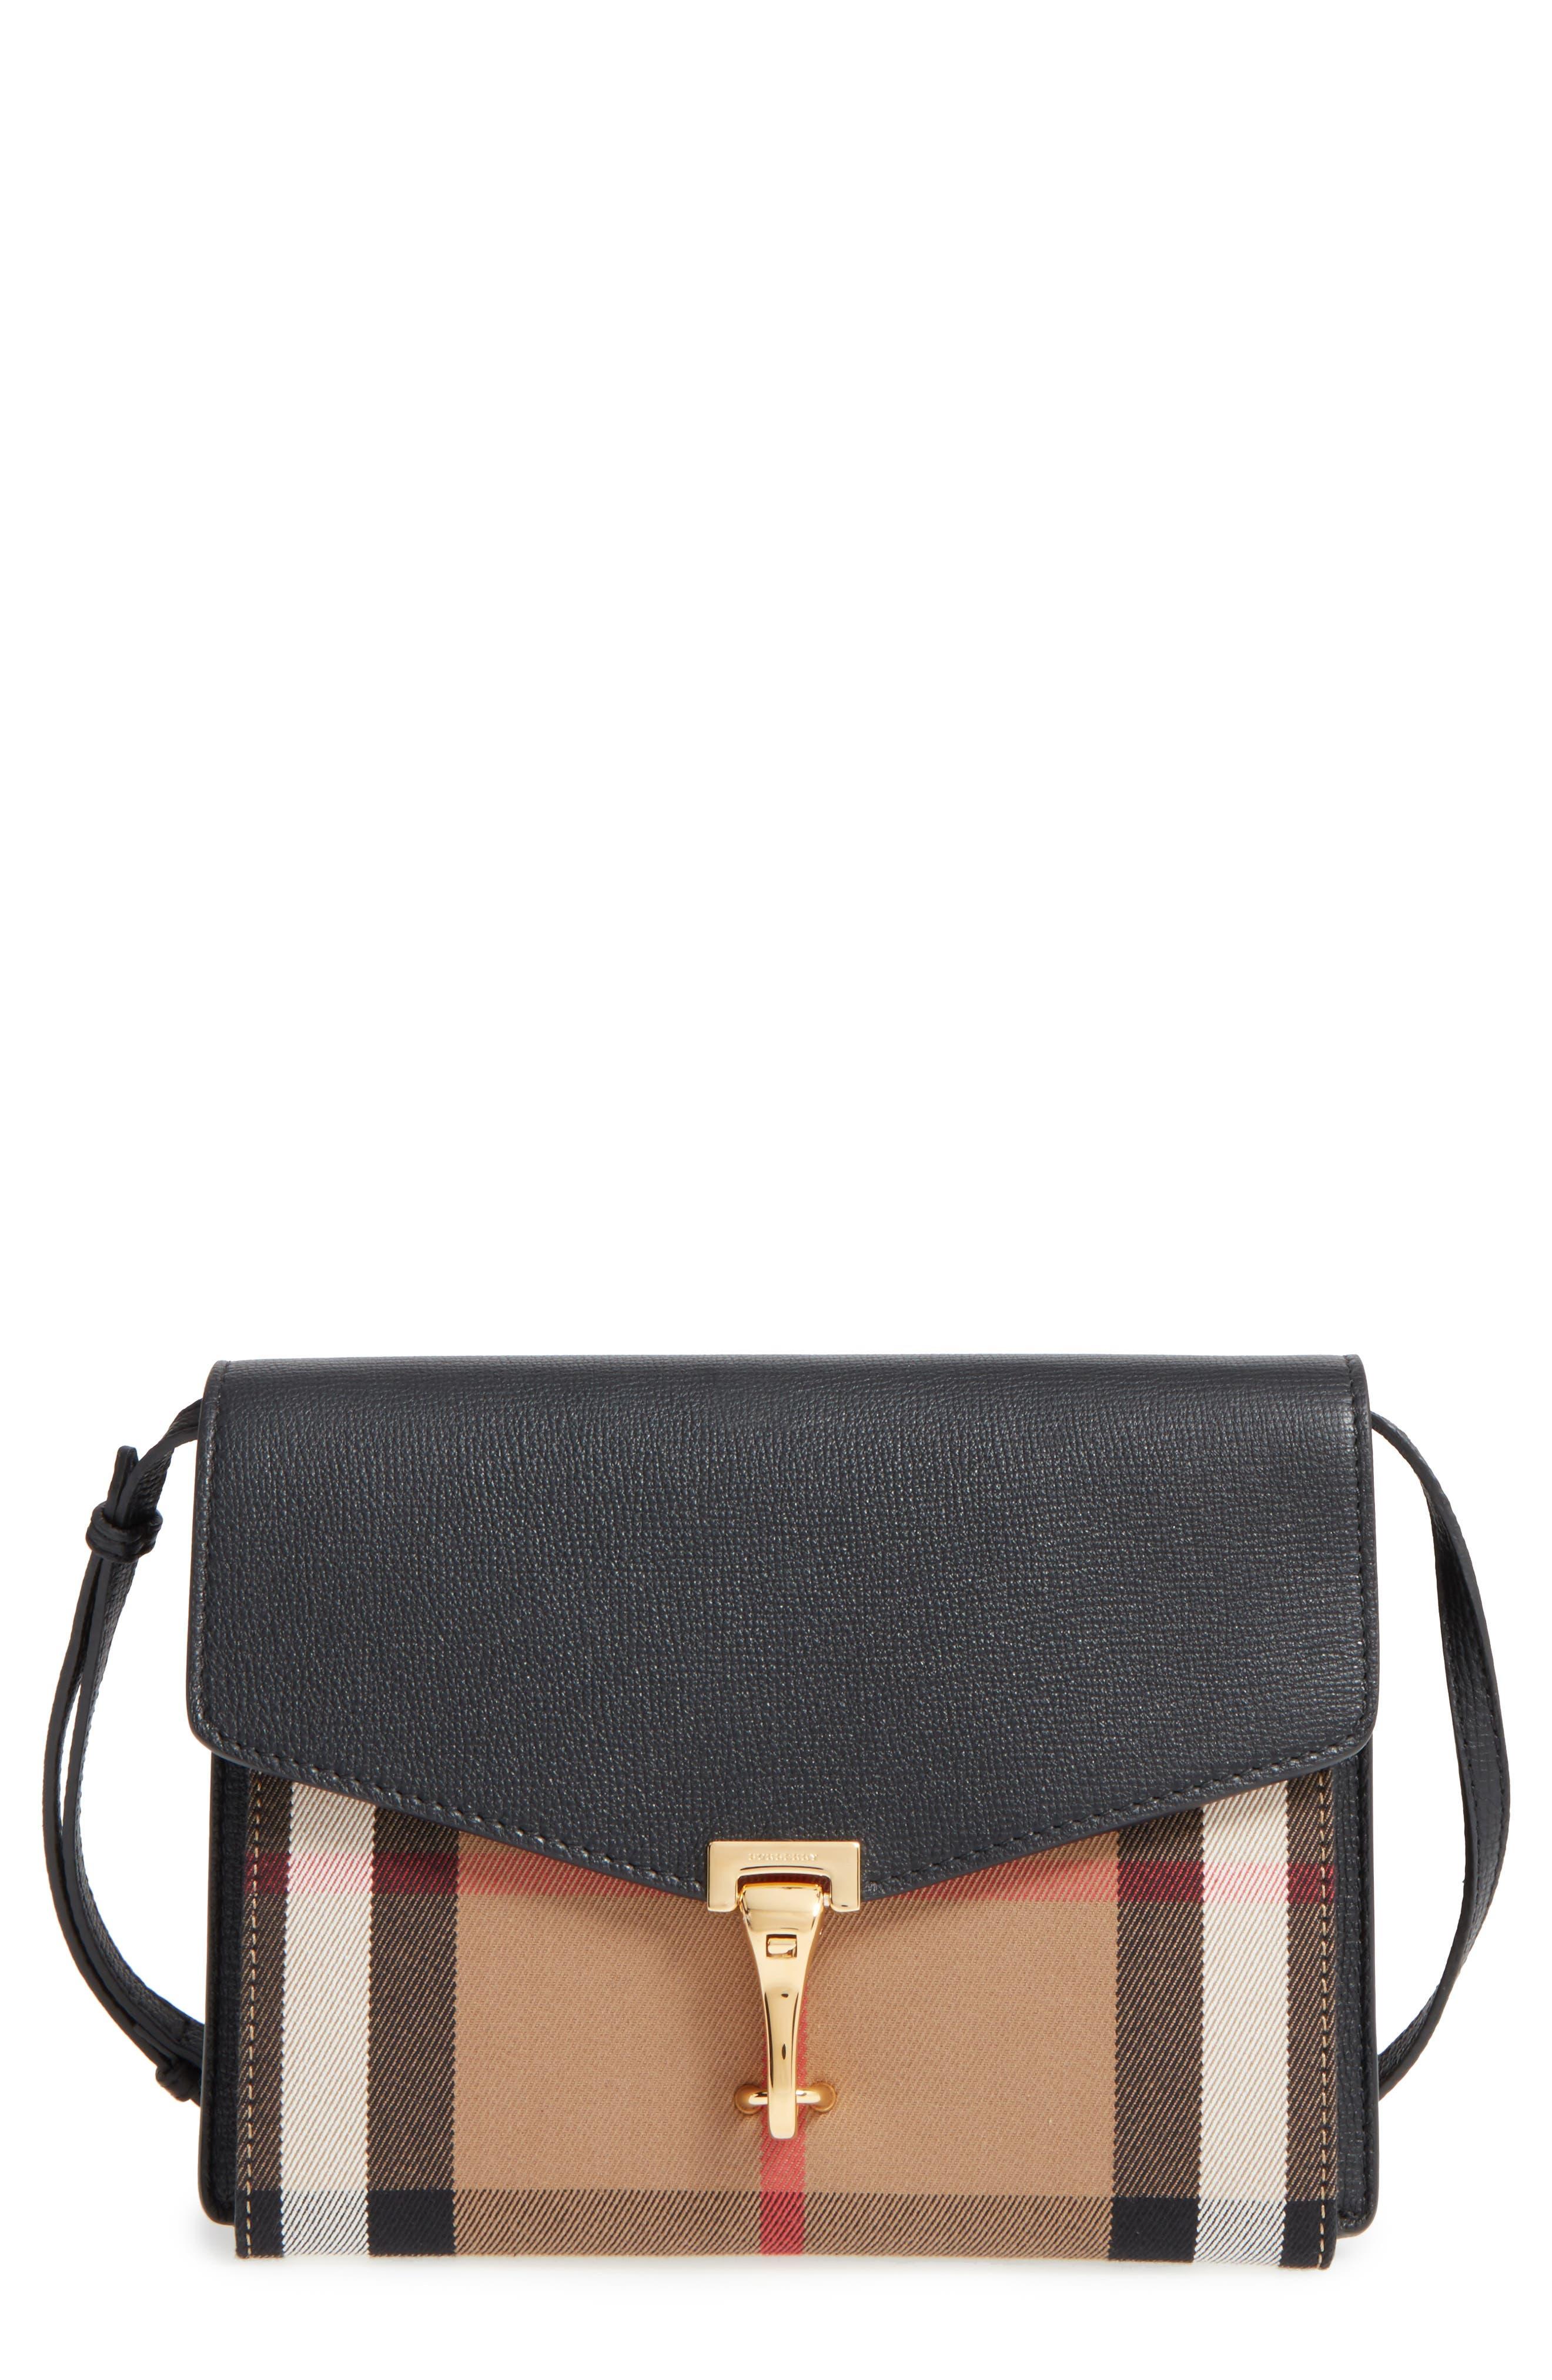 'Small Macken' Check Crossbody Bag,                             Main thumbnail 1, color,                             BLACK